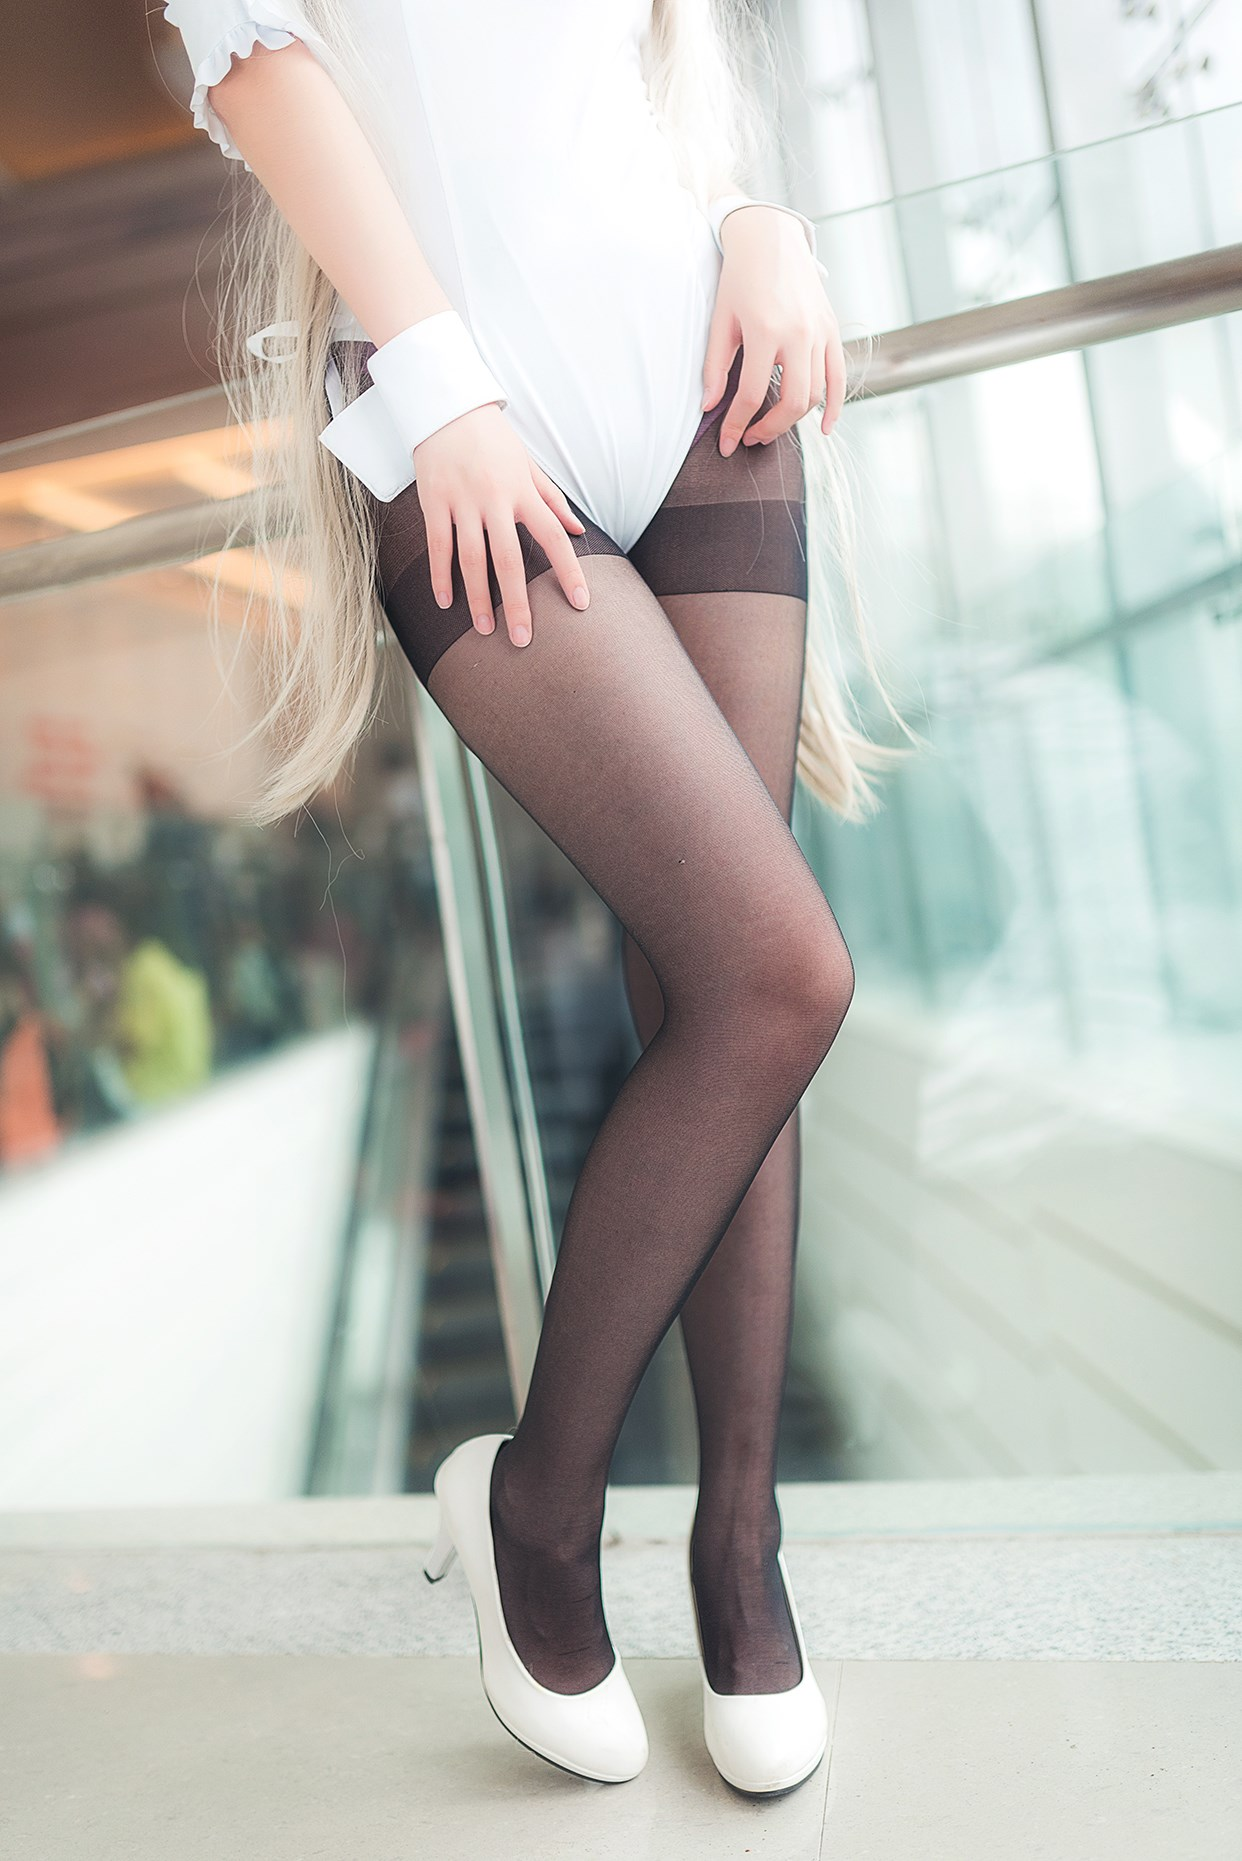 【兔玩映画】腿照福利合集2.0 兔玩映画 第32张